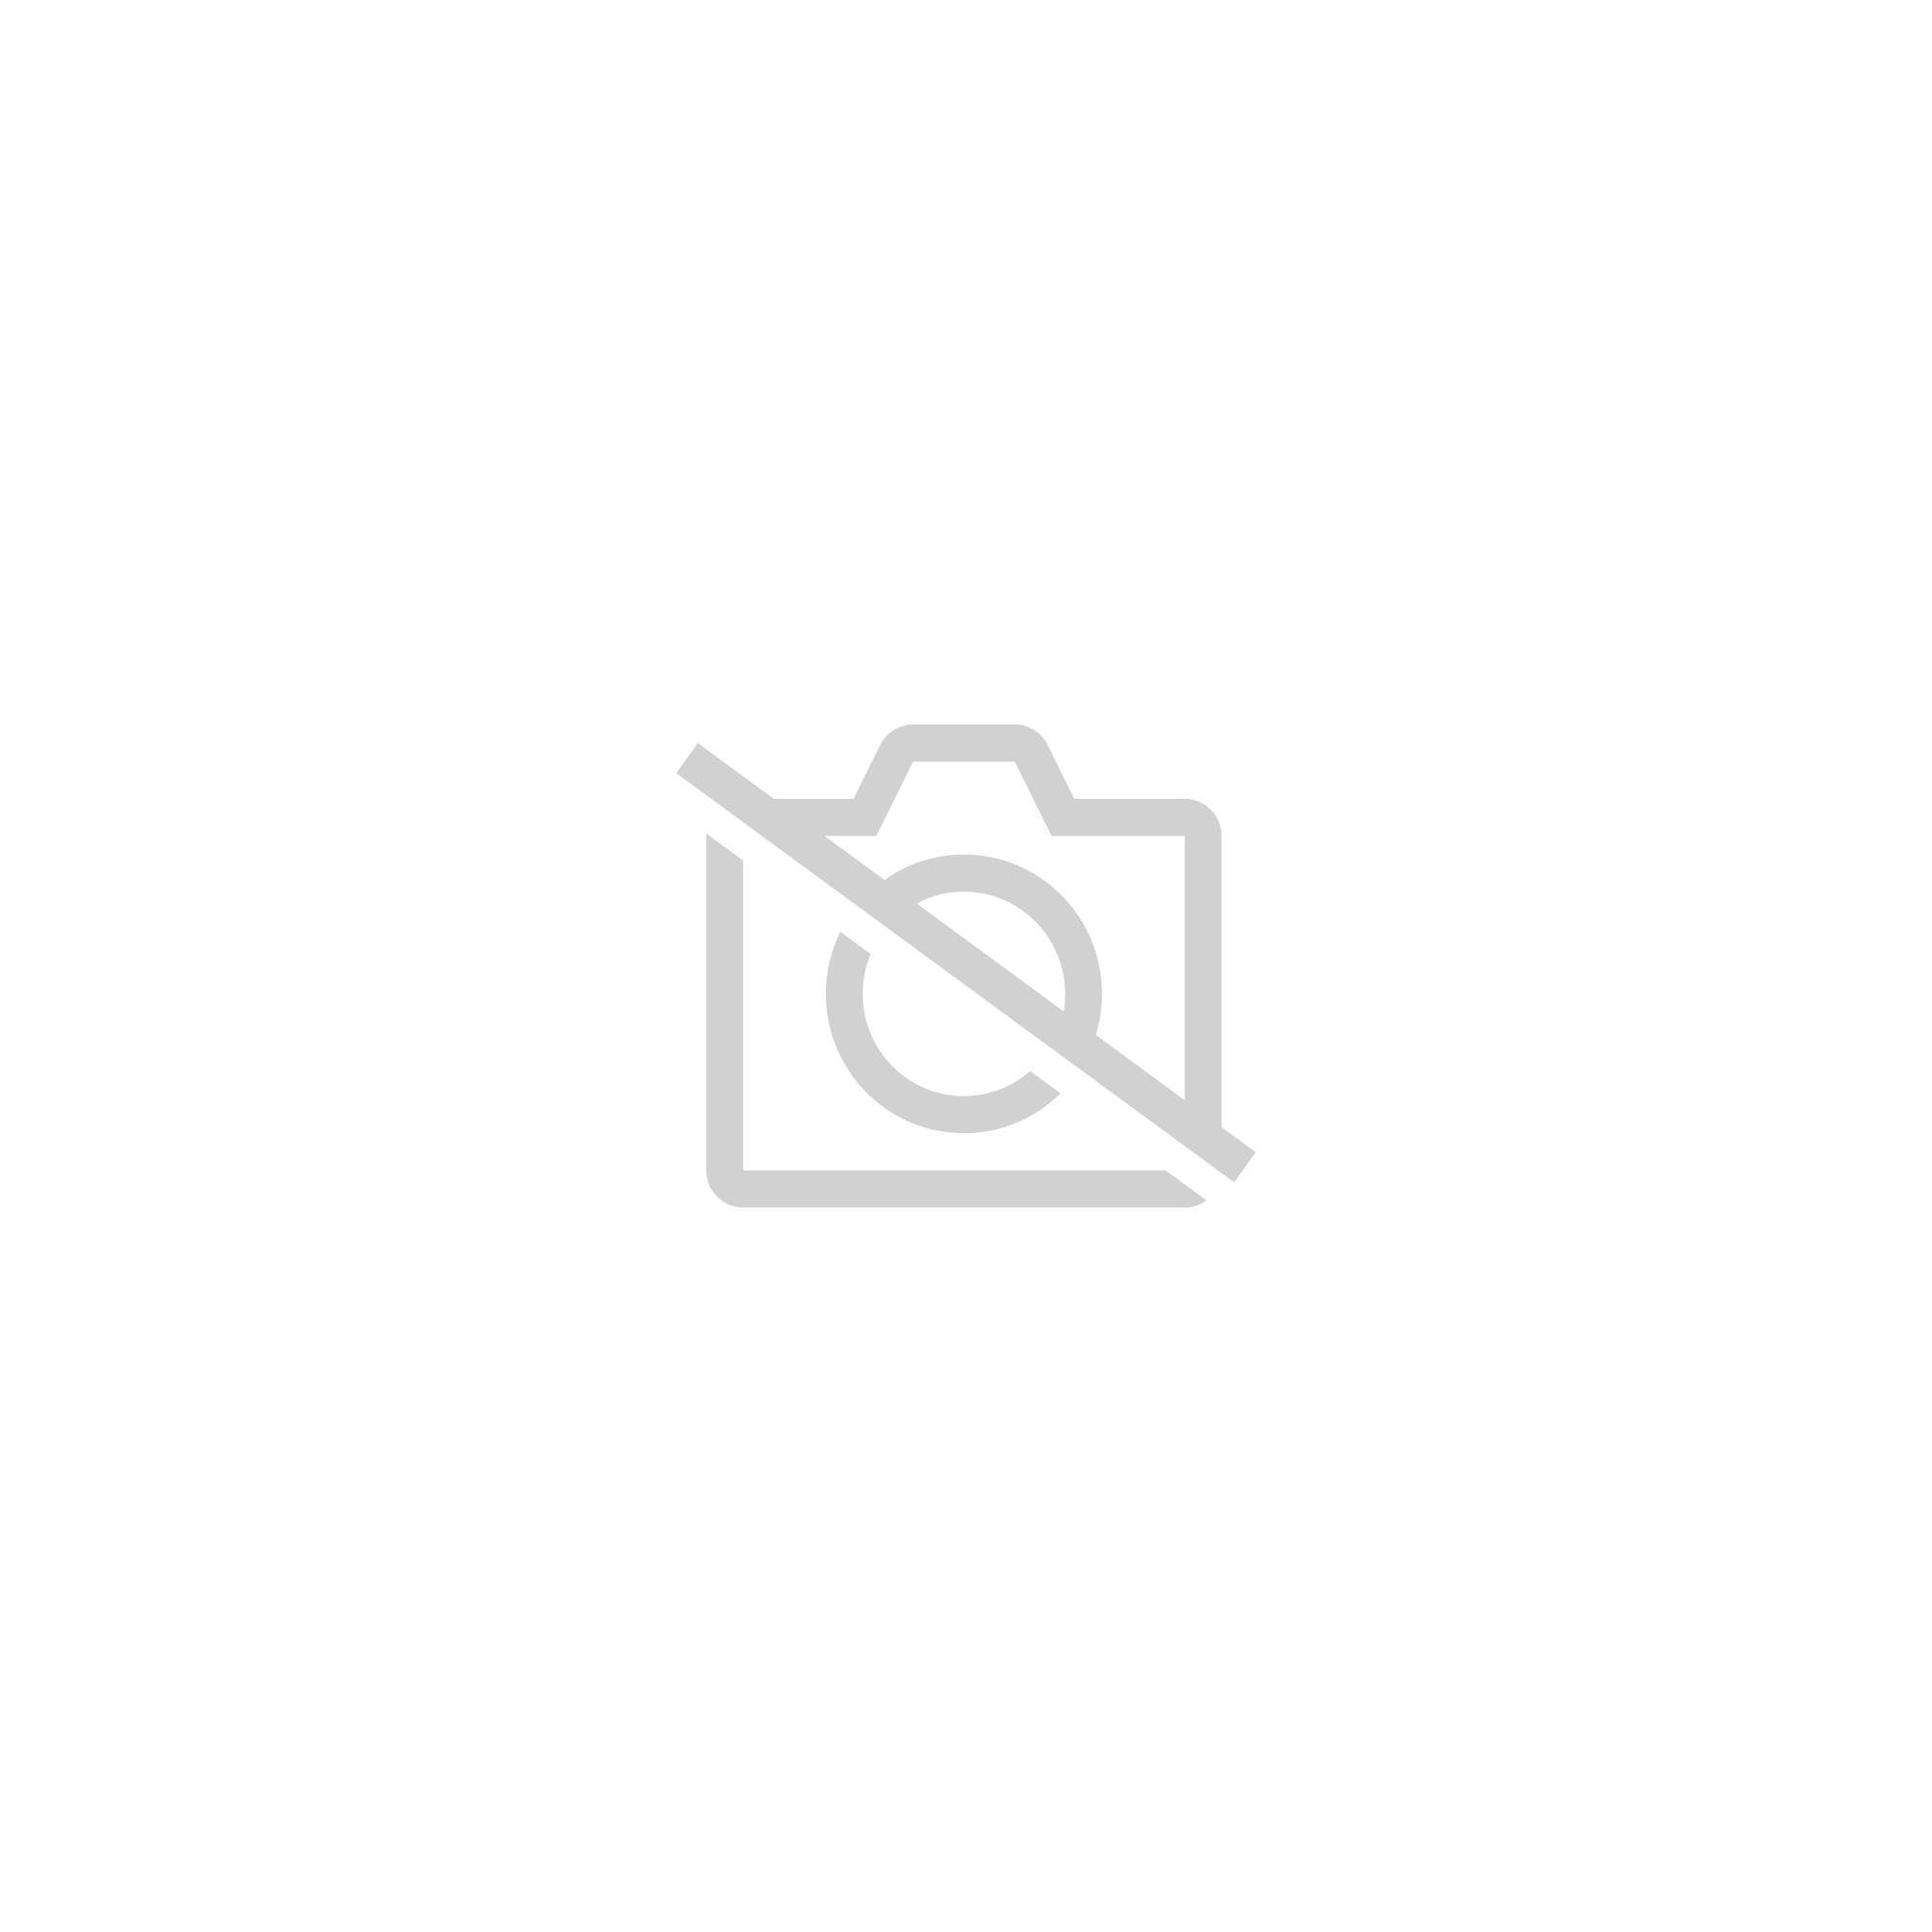 Yunique (R) Syma X5 X5c X5c-1 X5sc X5sw Pi�ces 600mah 3.7v 20c Lipo Batterie (4pcs) Avec 4 En 1 X4 Chargeur De Batterie